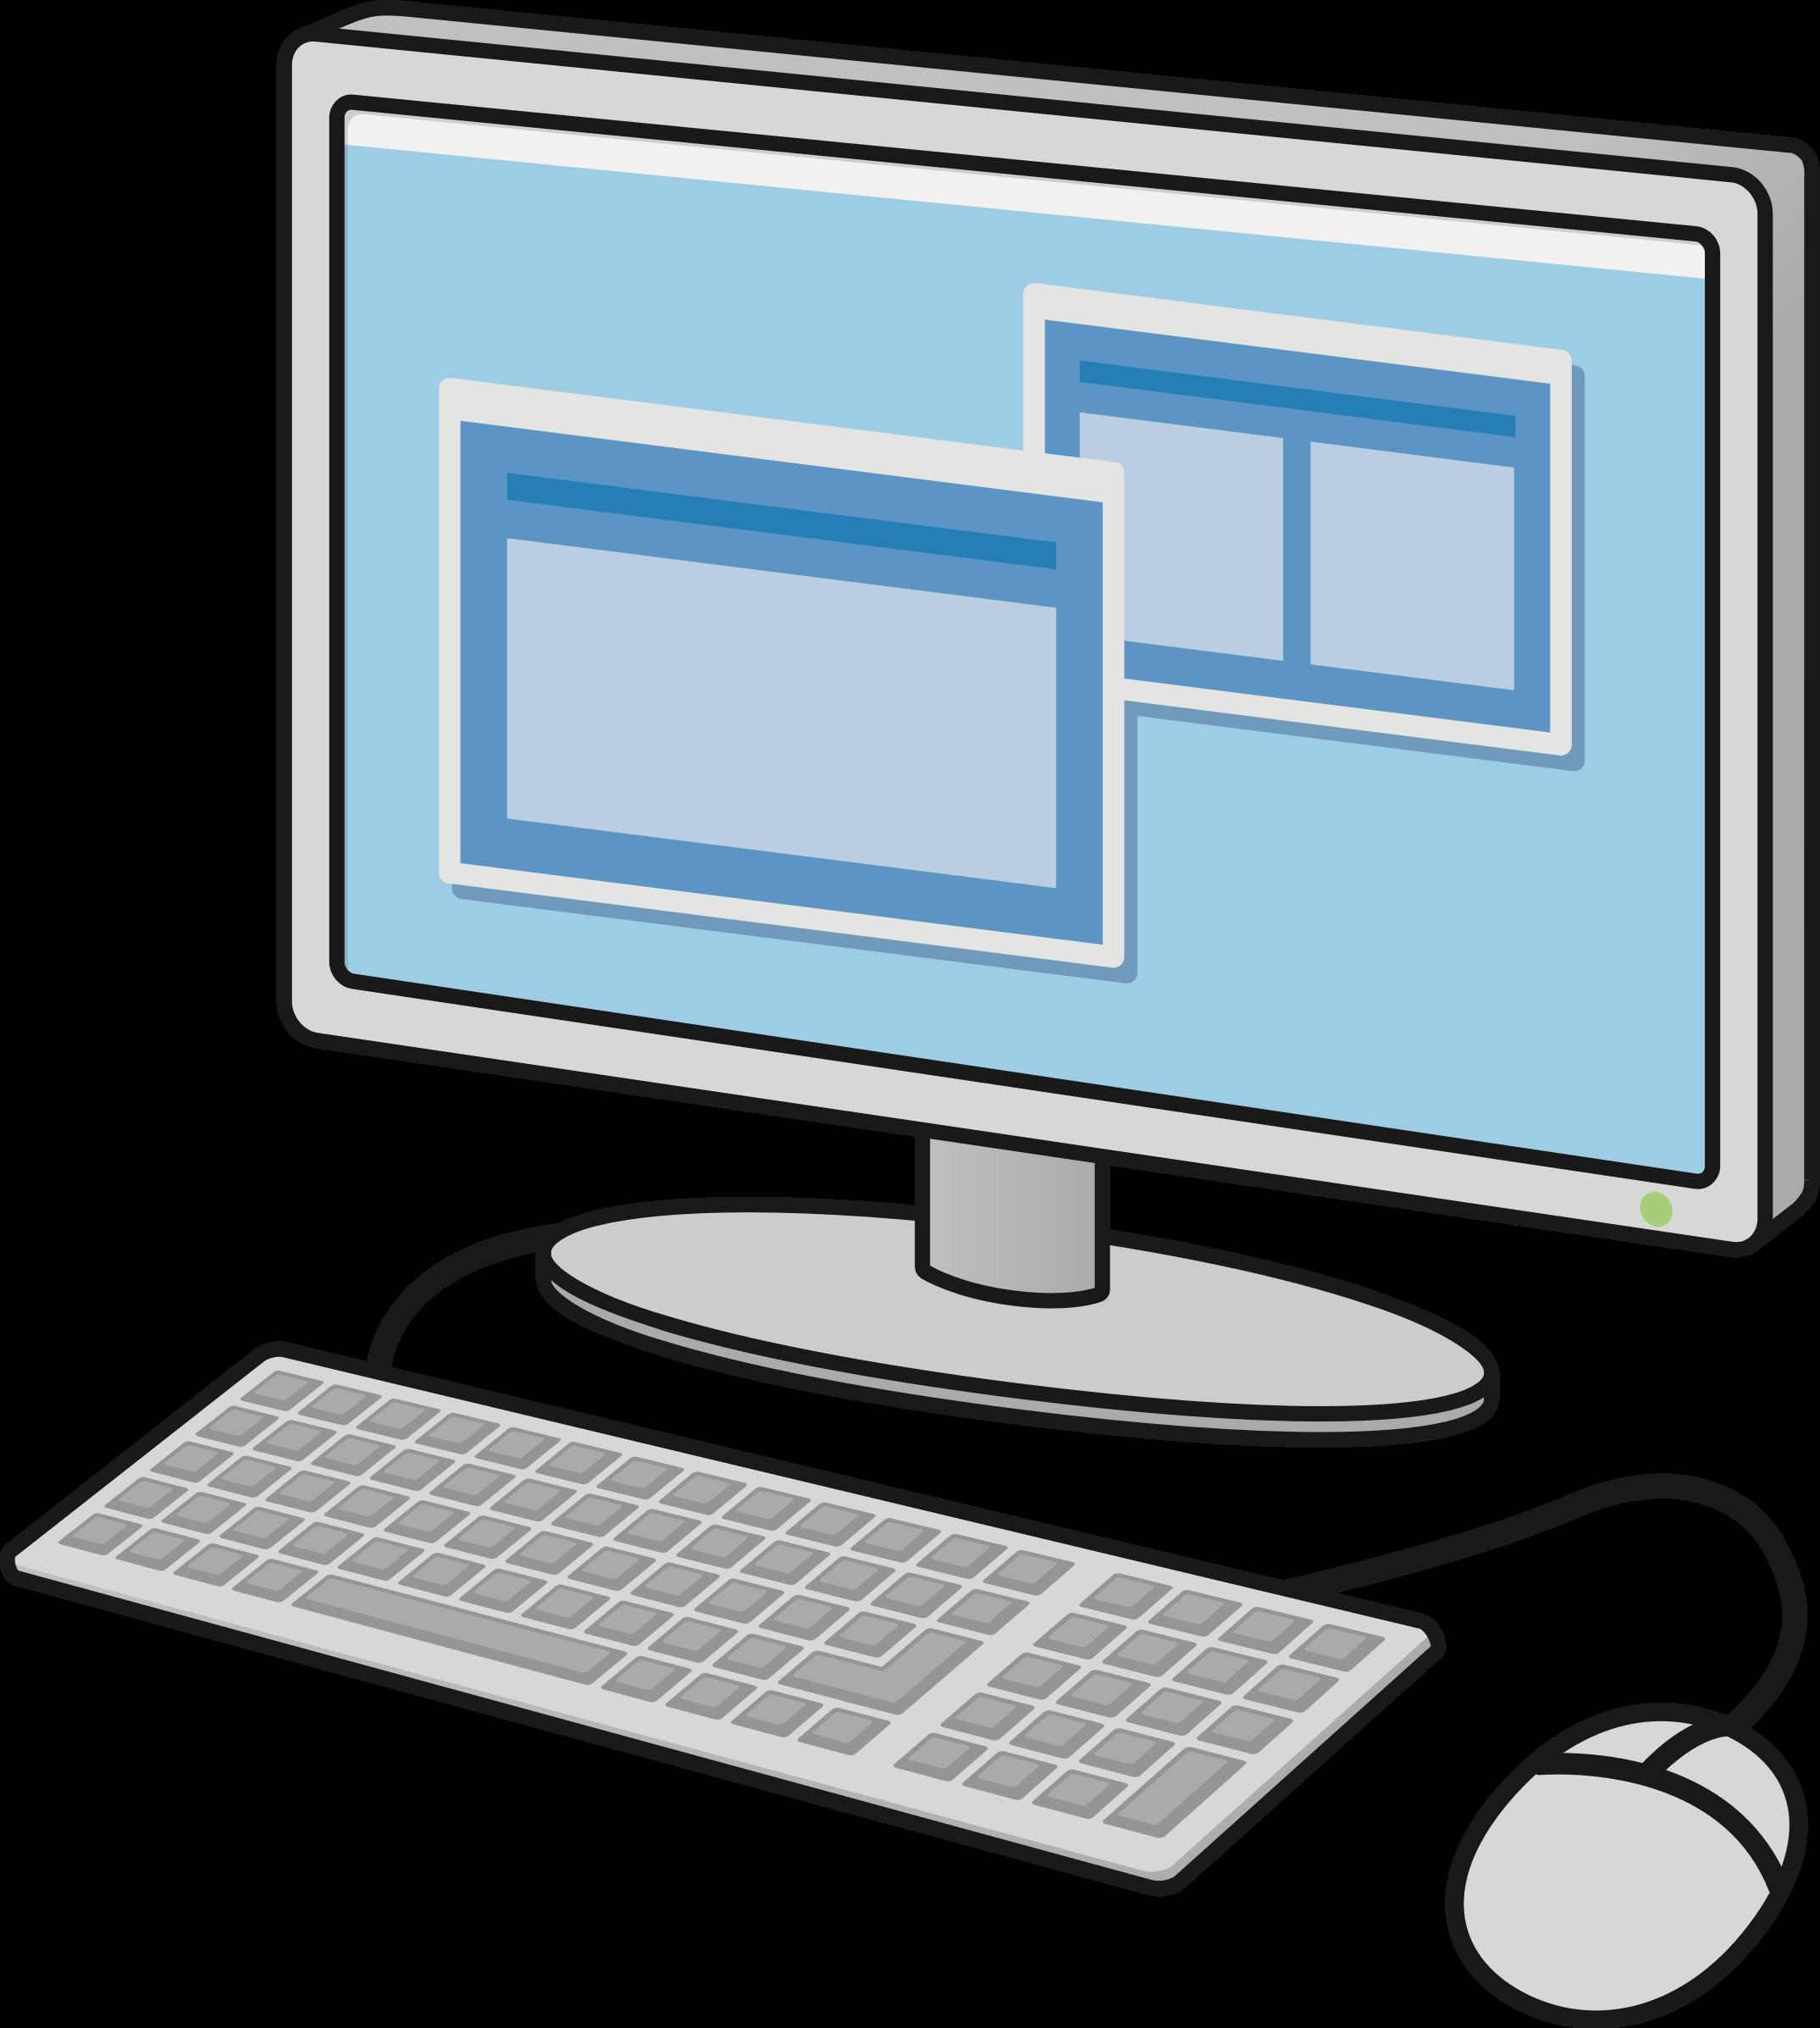 Desktop big image png. Computer clipart pdf